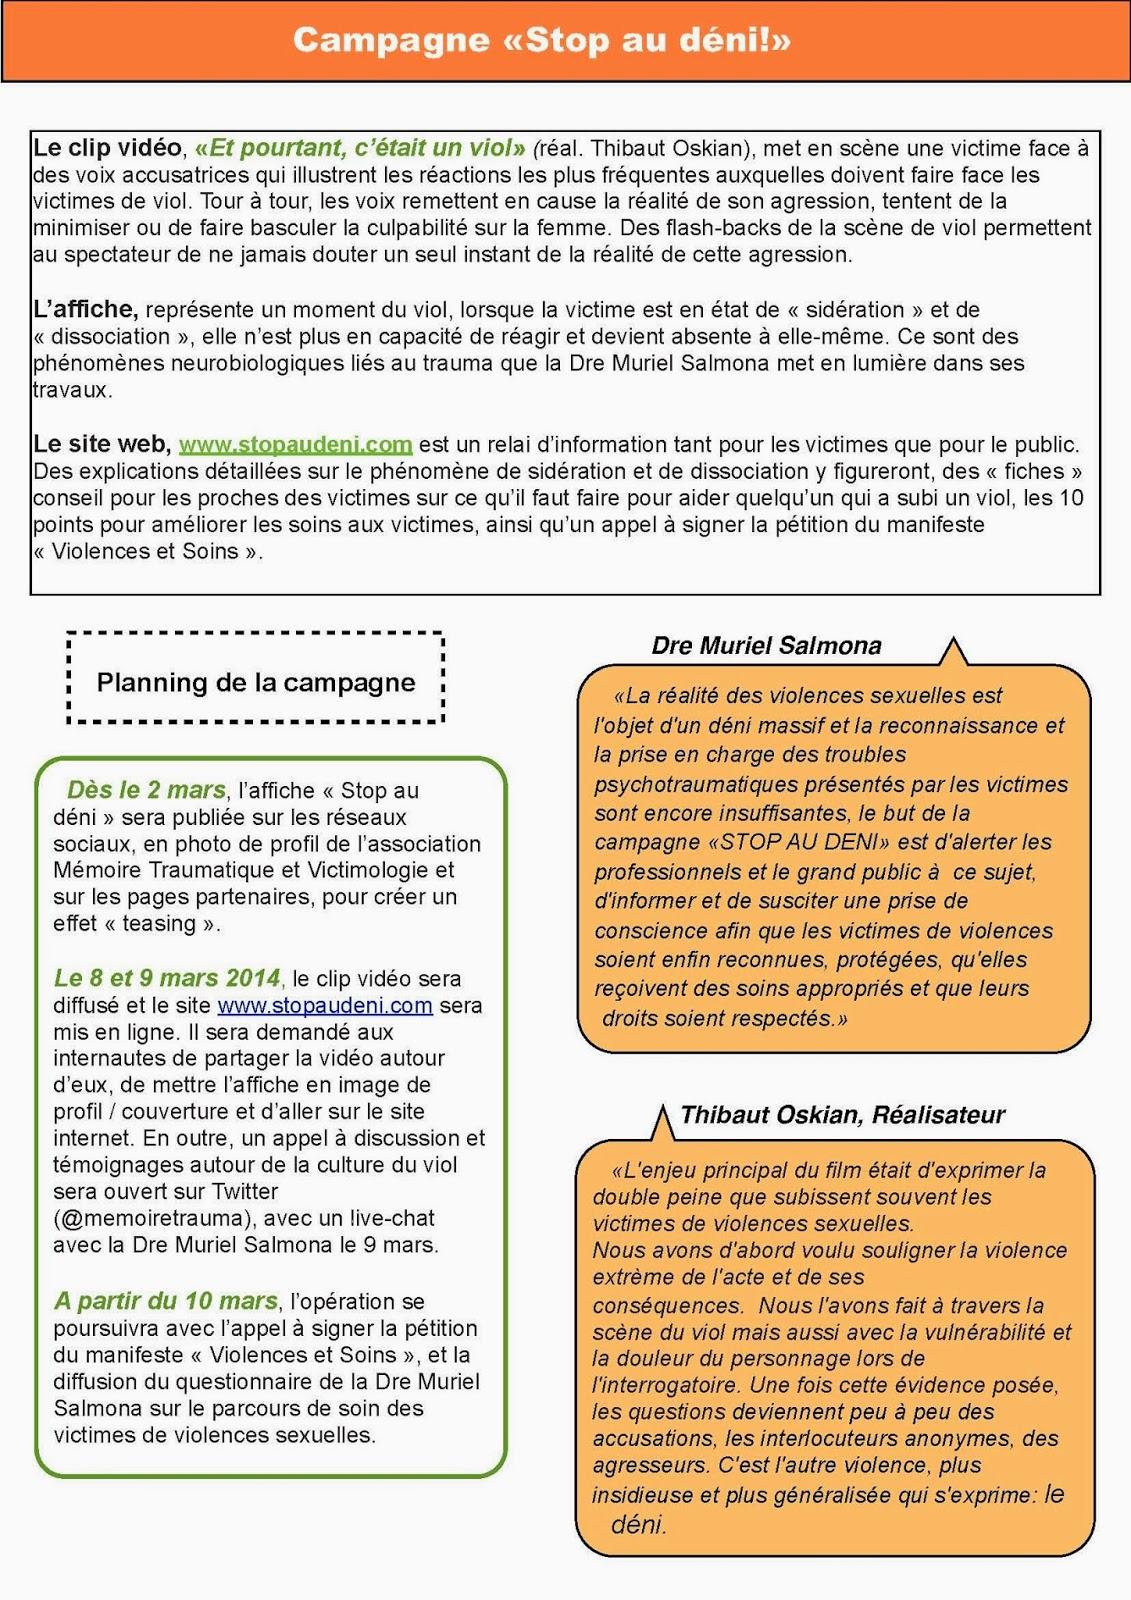 objet sujet psychologie pdf